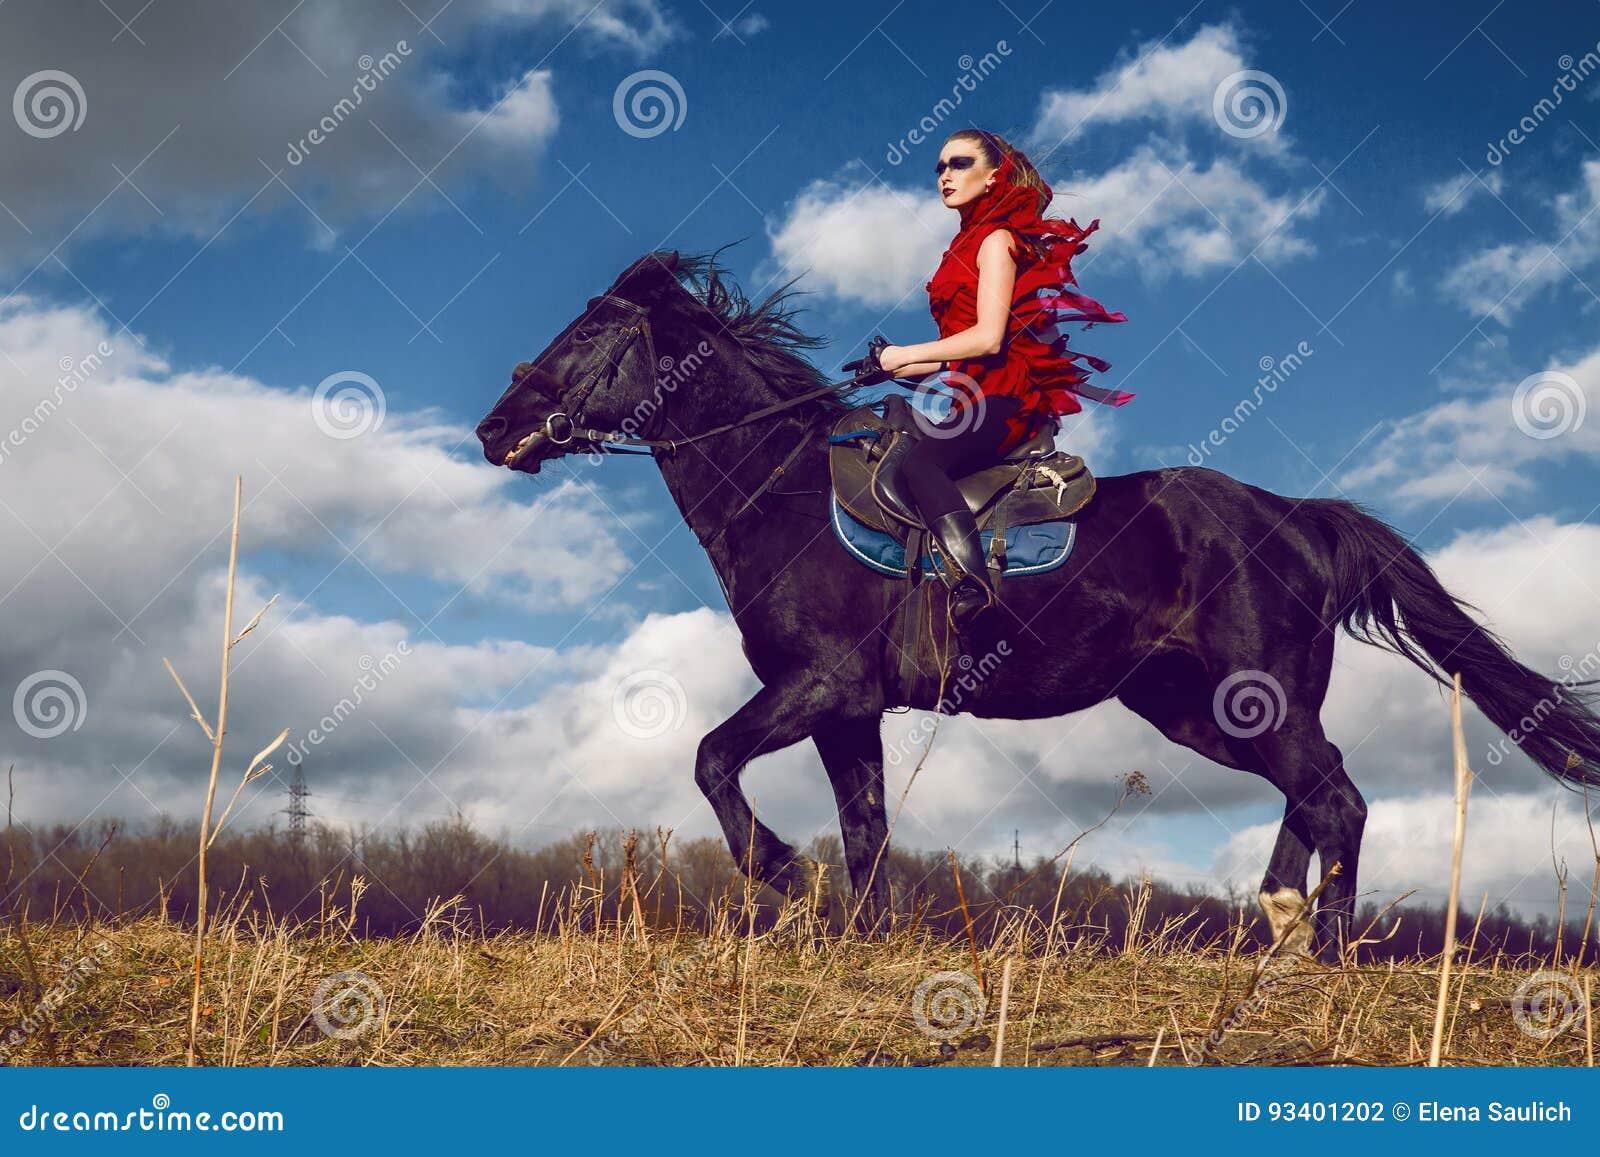 Девушка на лошади в красном платье